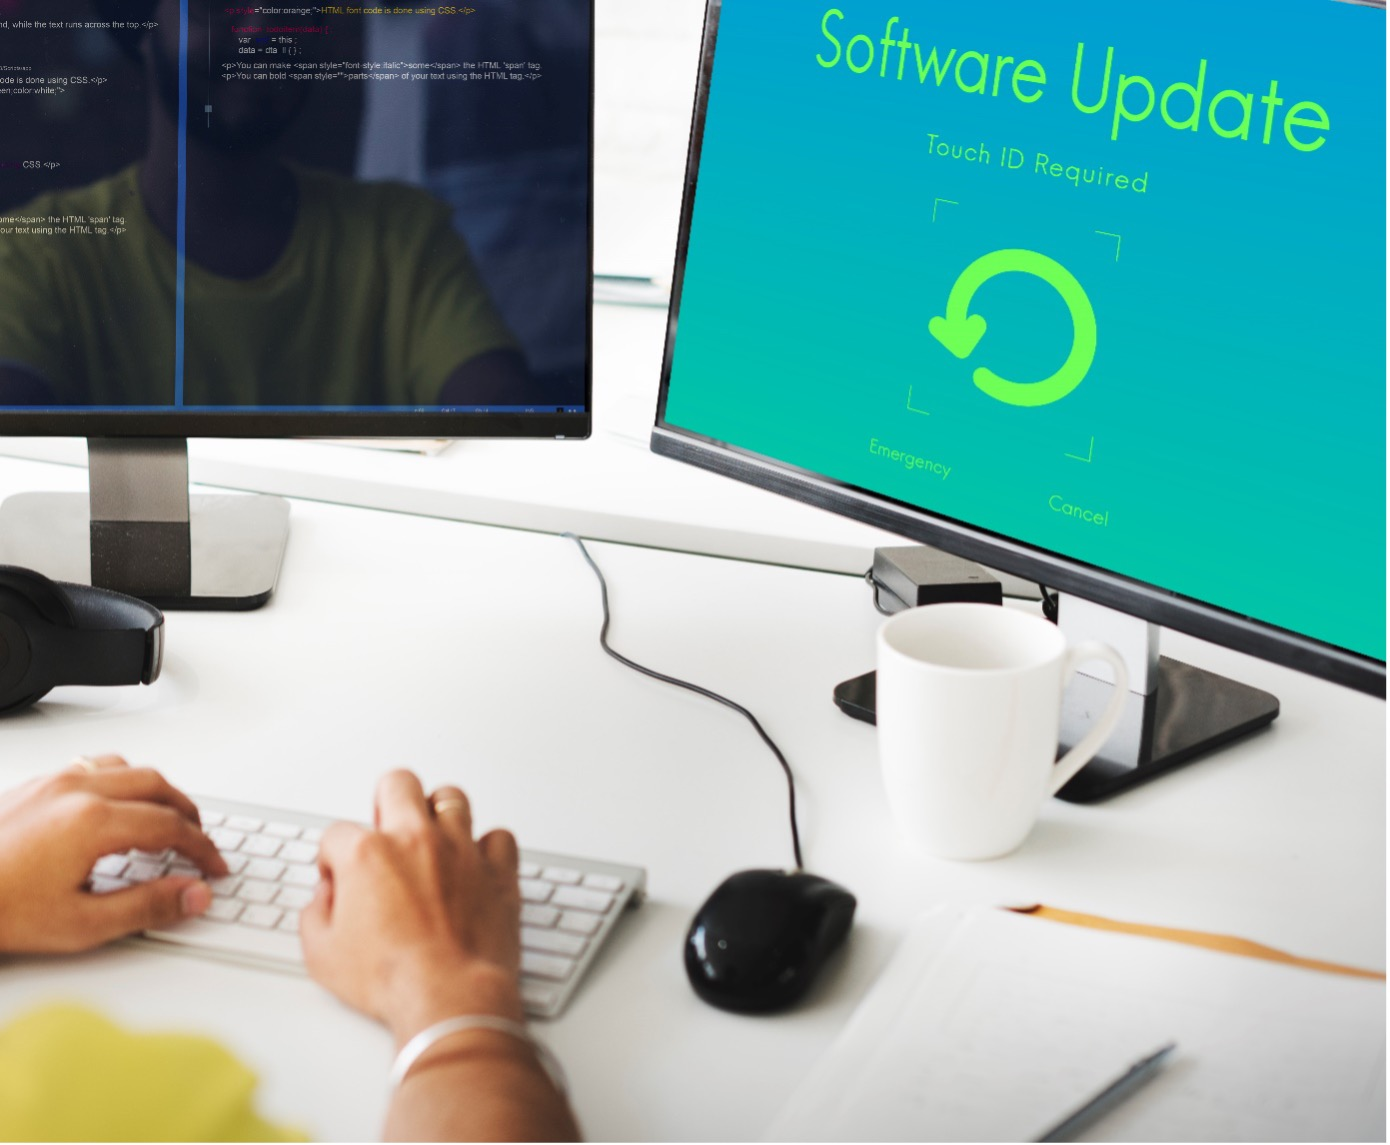 Bildschirm mit Software Update